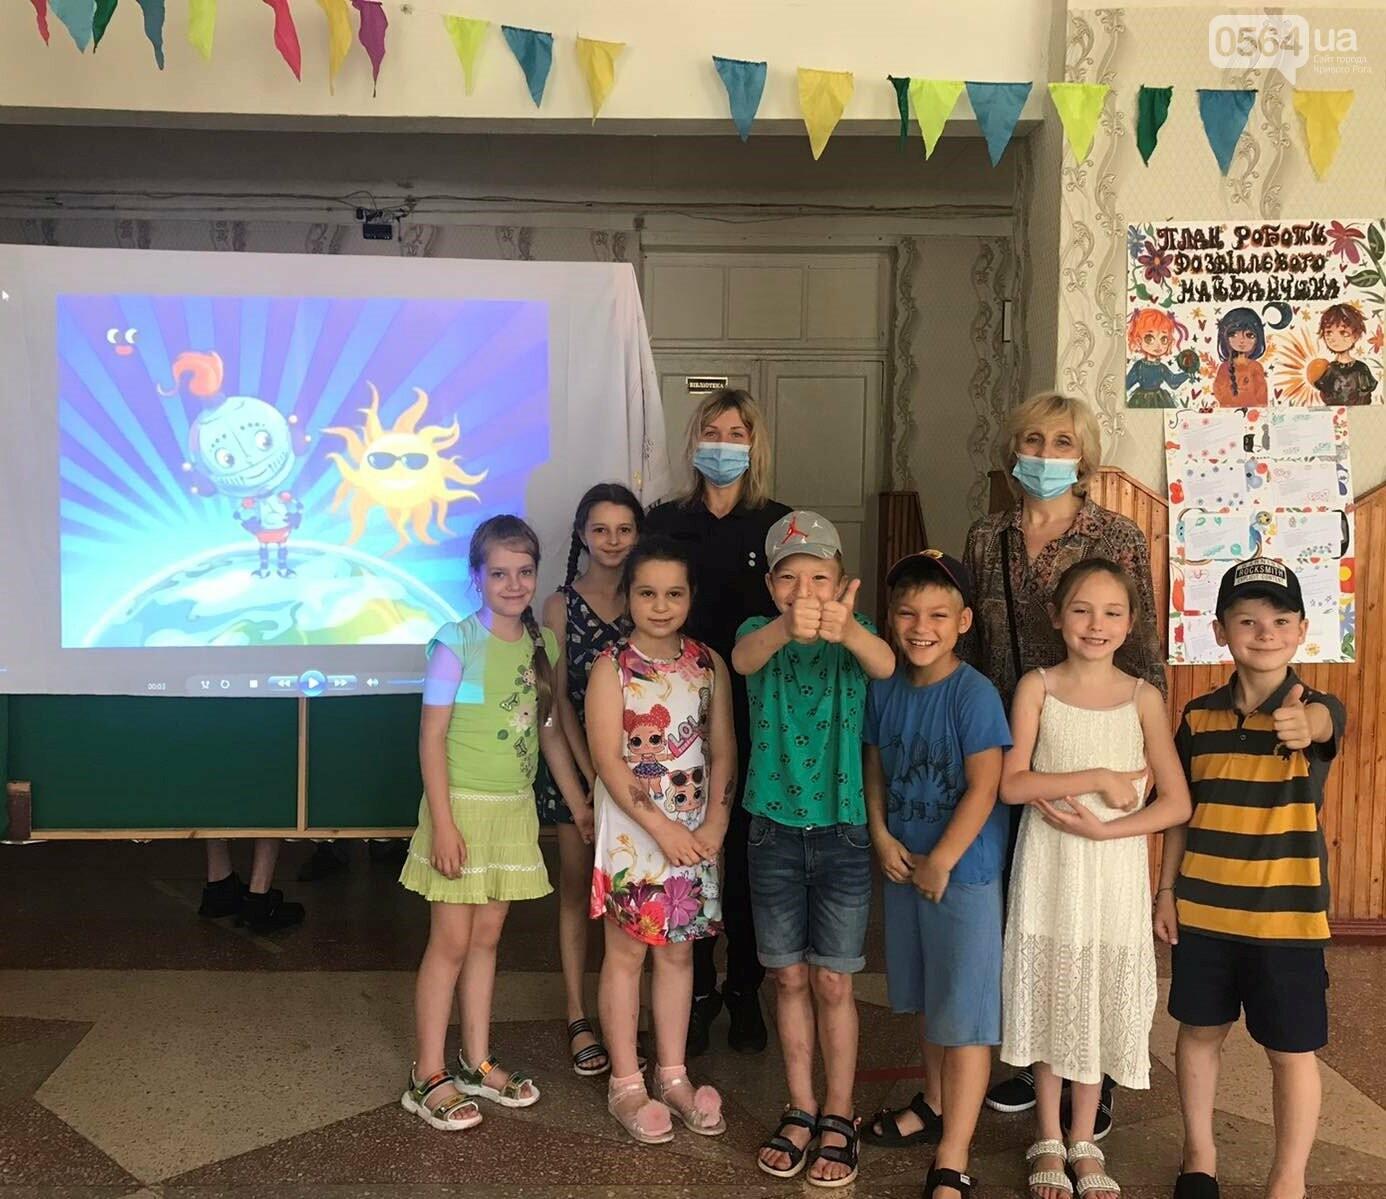 В Кривом Роге детям напомнили о правилах поведения во время летних каникул, - ФОТО, фото-3